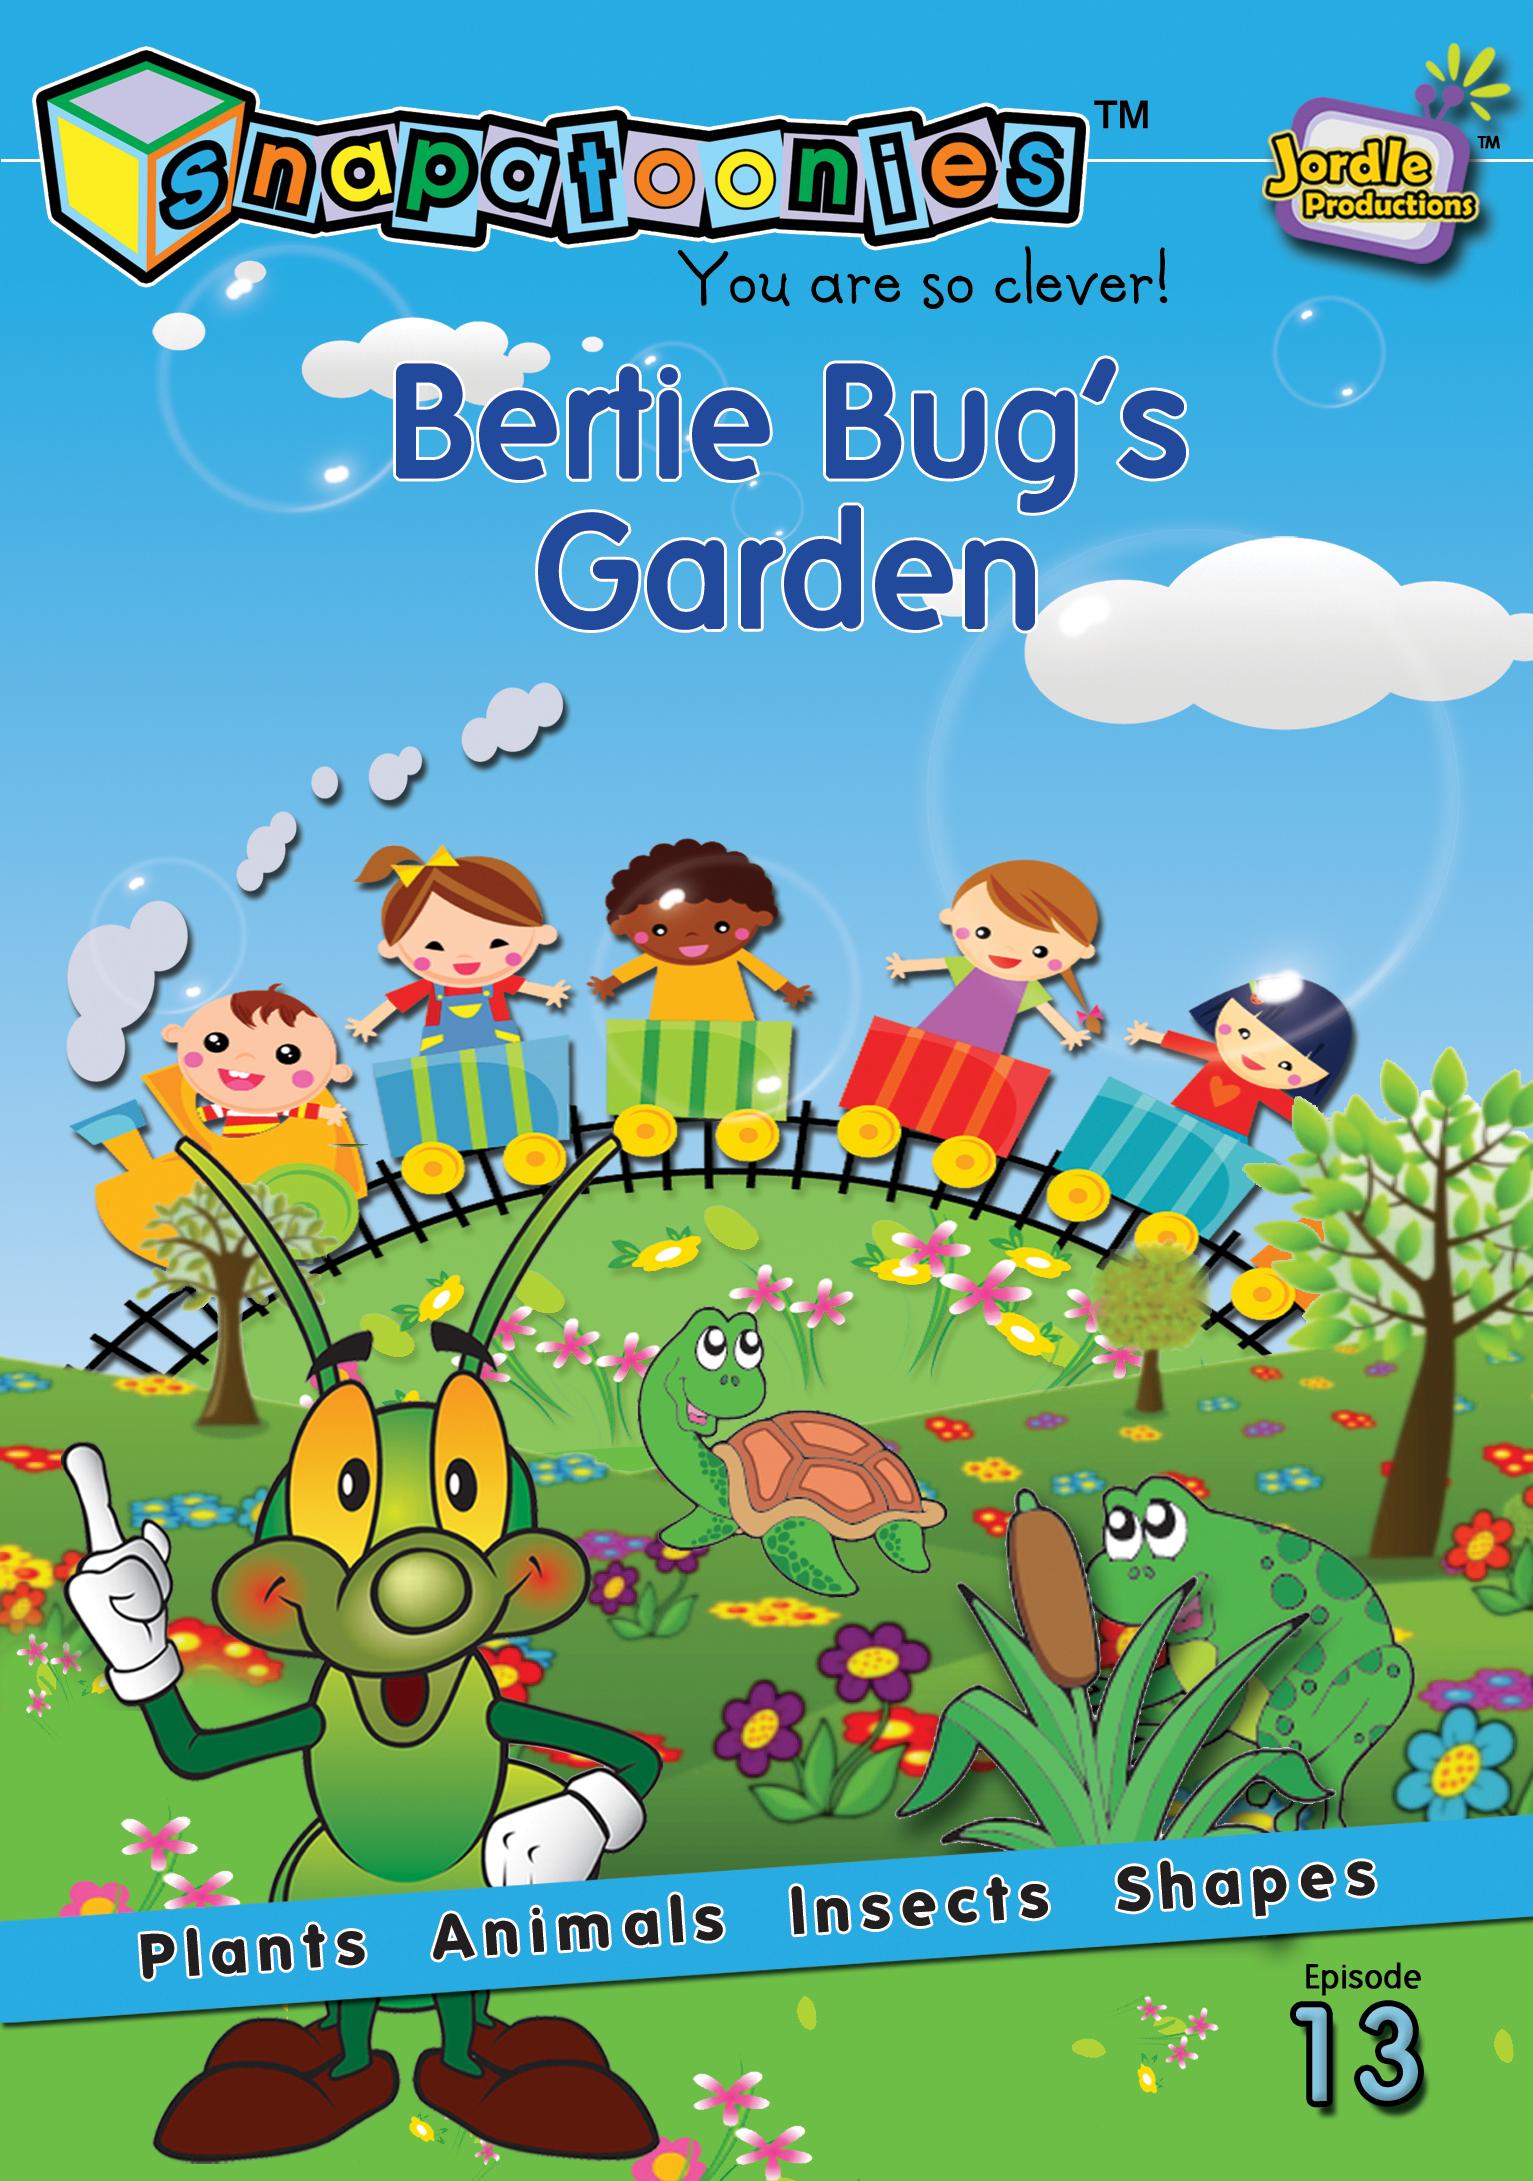 Snapatoonies Bertie Bug's Garden